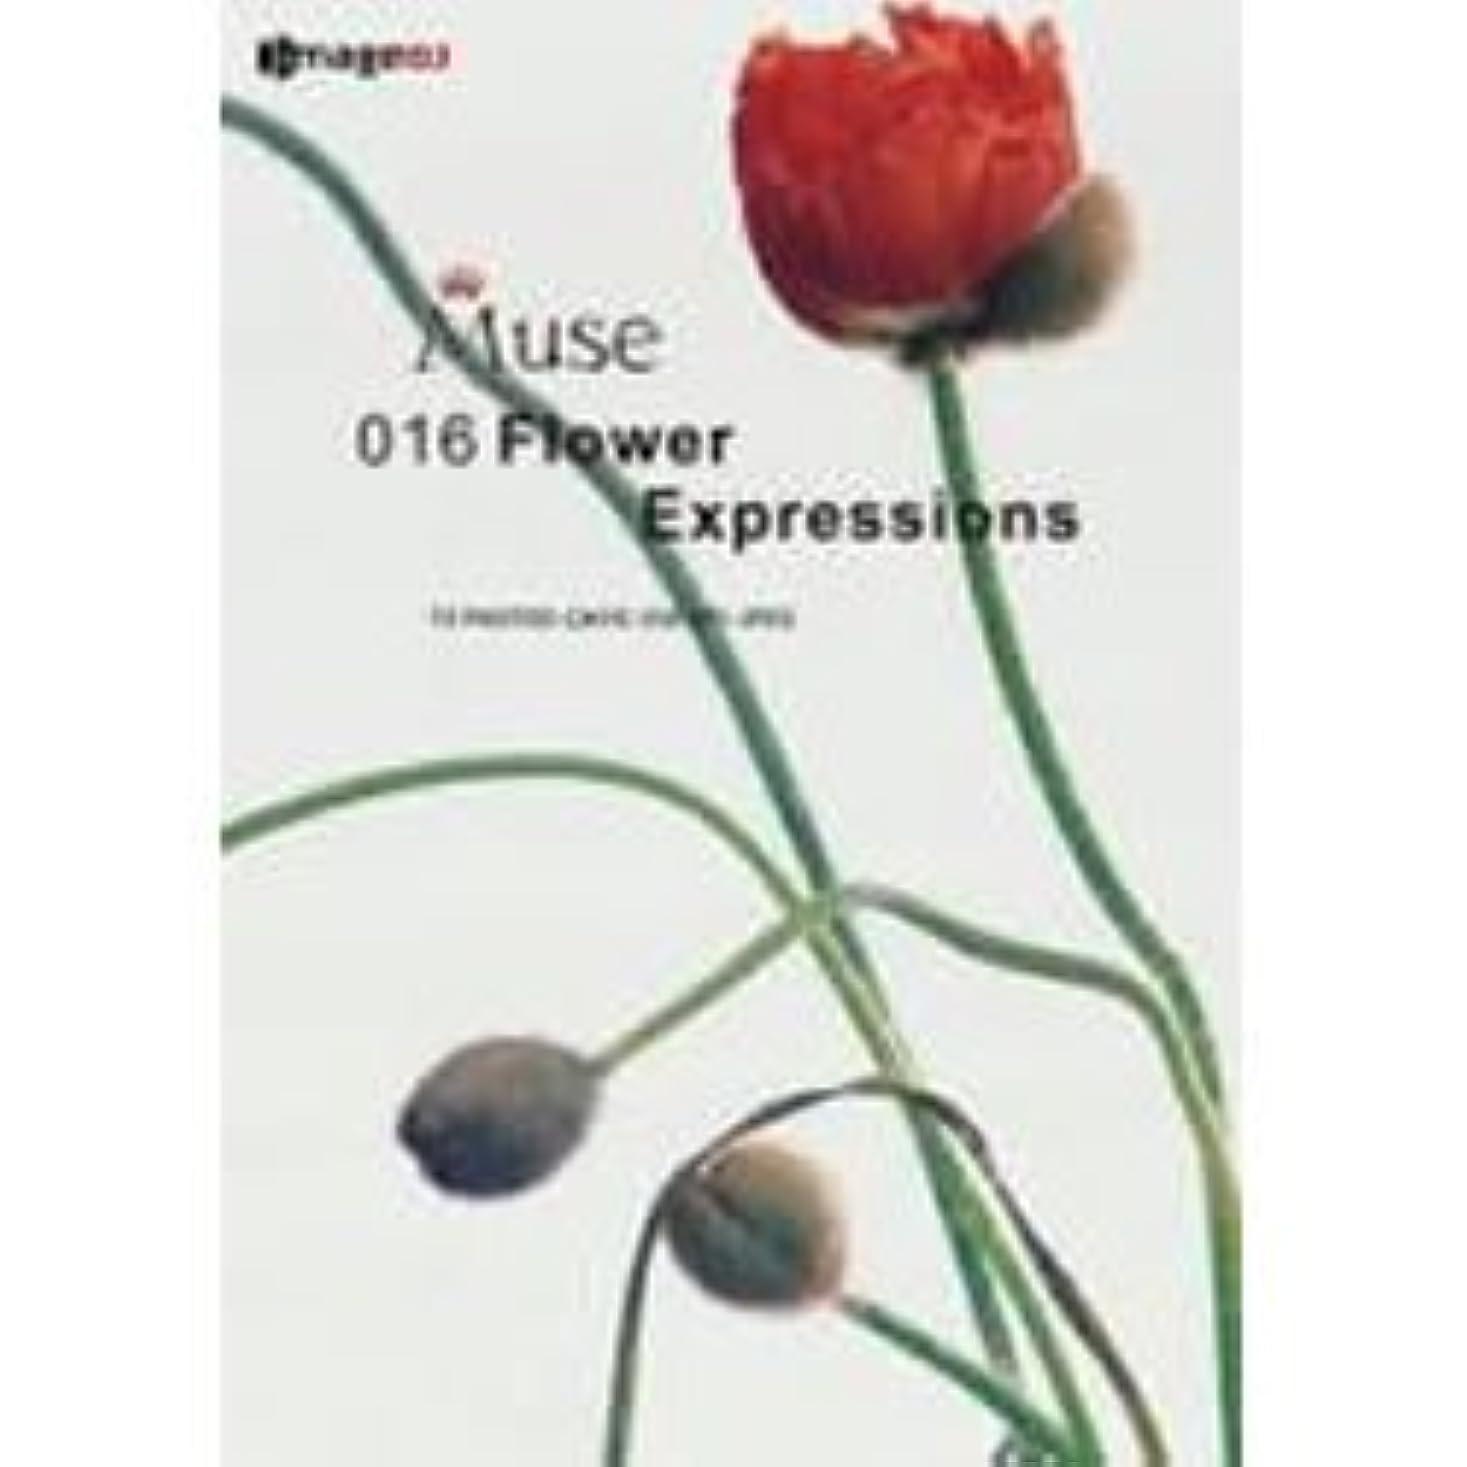 食物受け継ぐ休憩ミューズ Vol.16 花の表情